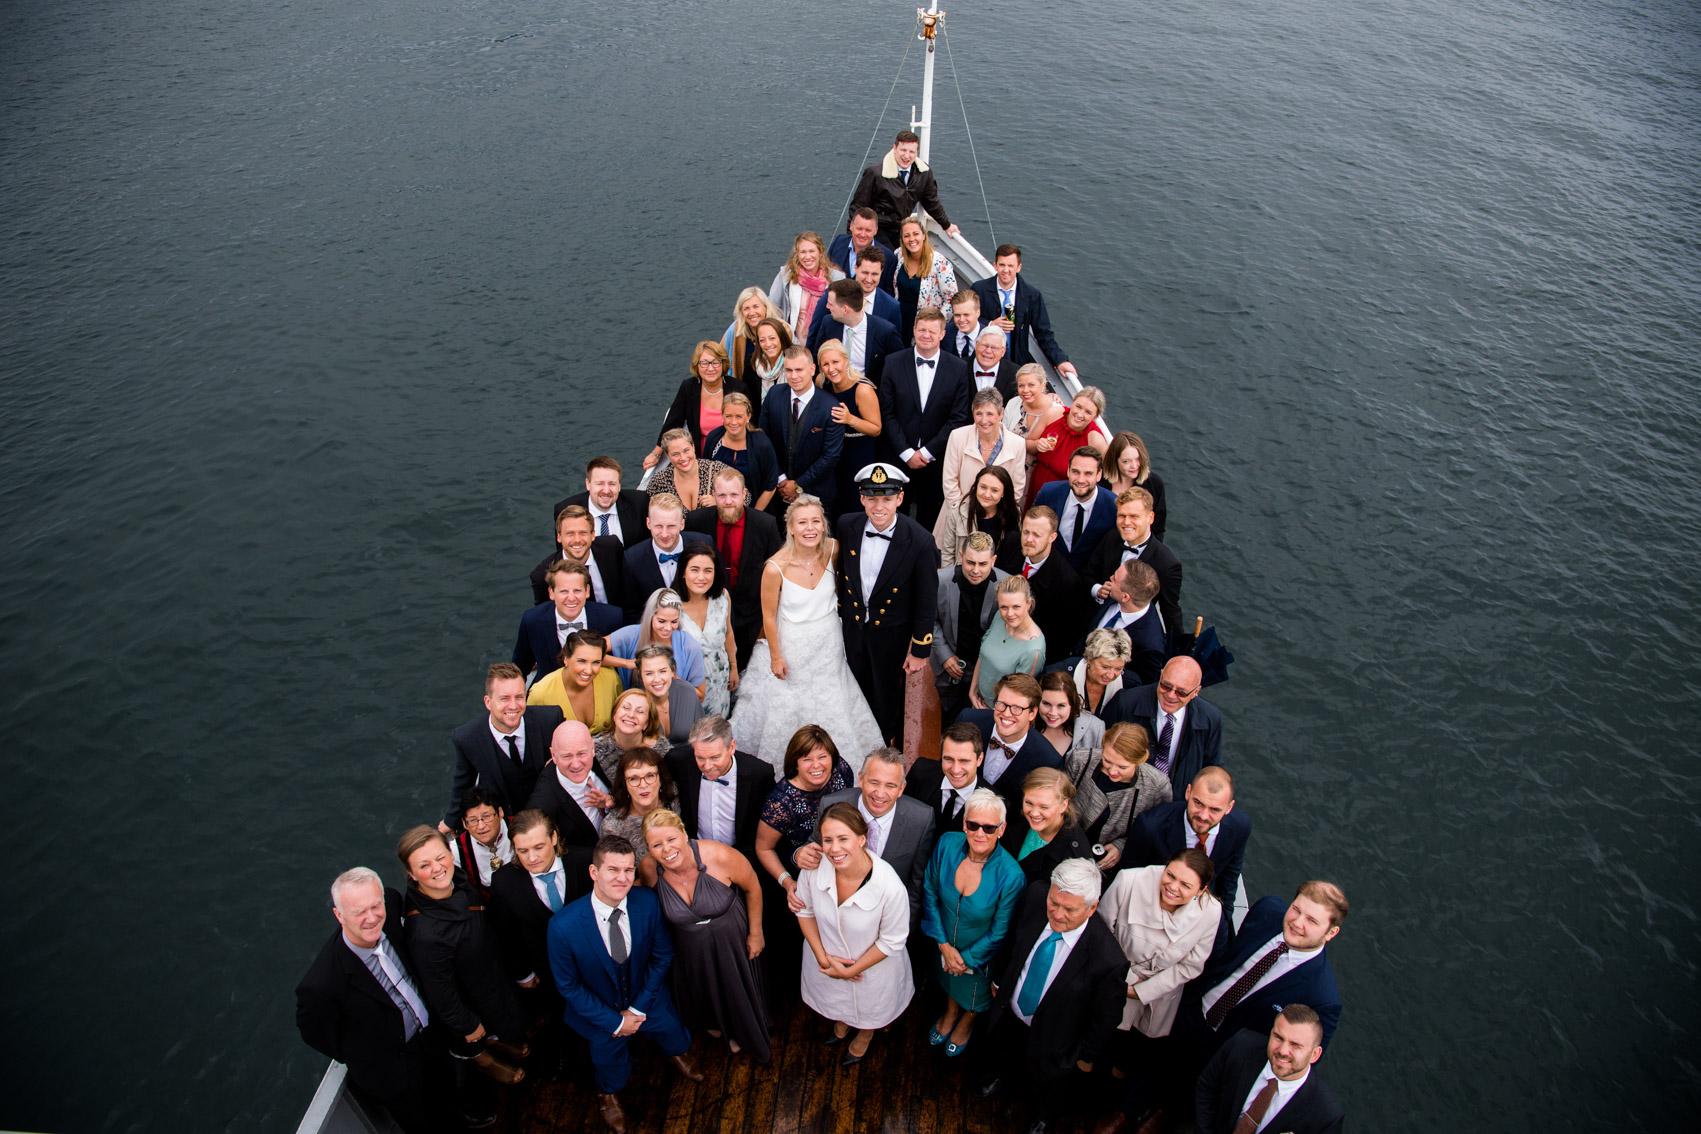 fotograf-tønsberg-bryllup-bryllupsfotograf-3.jpg